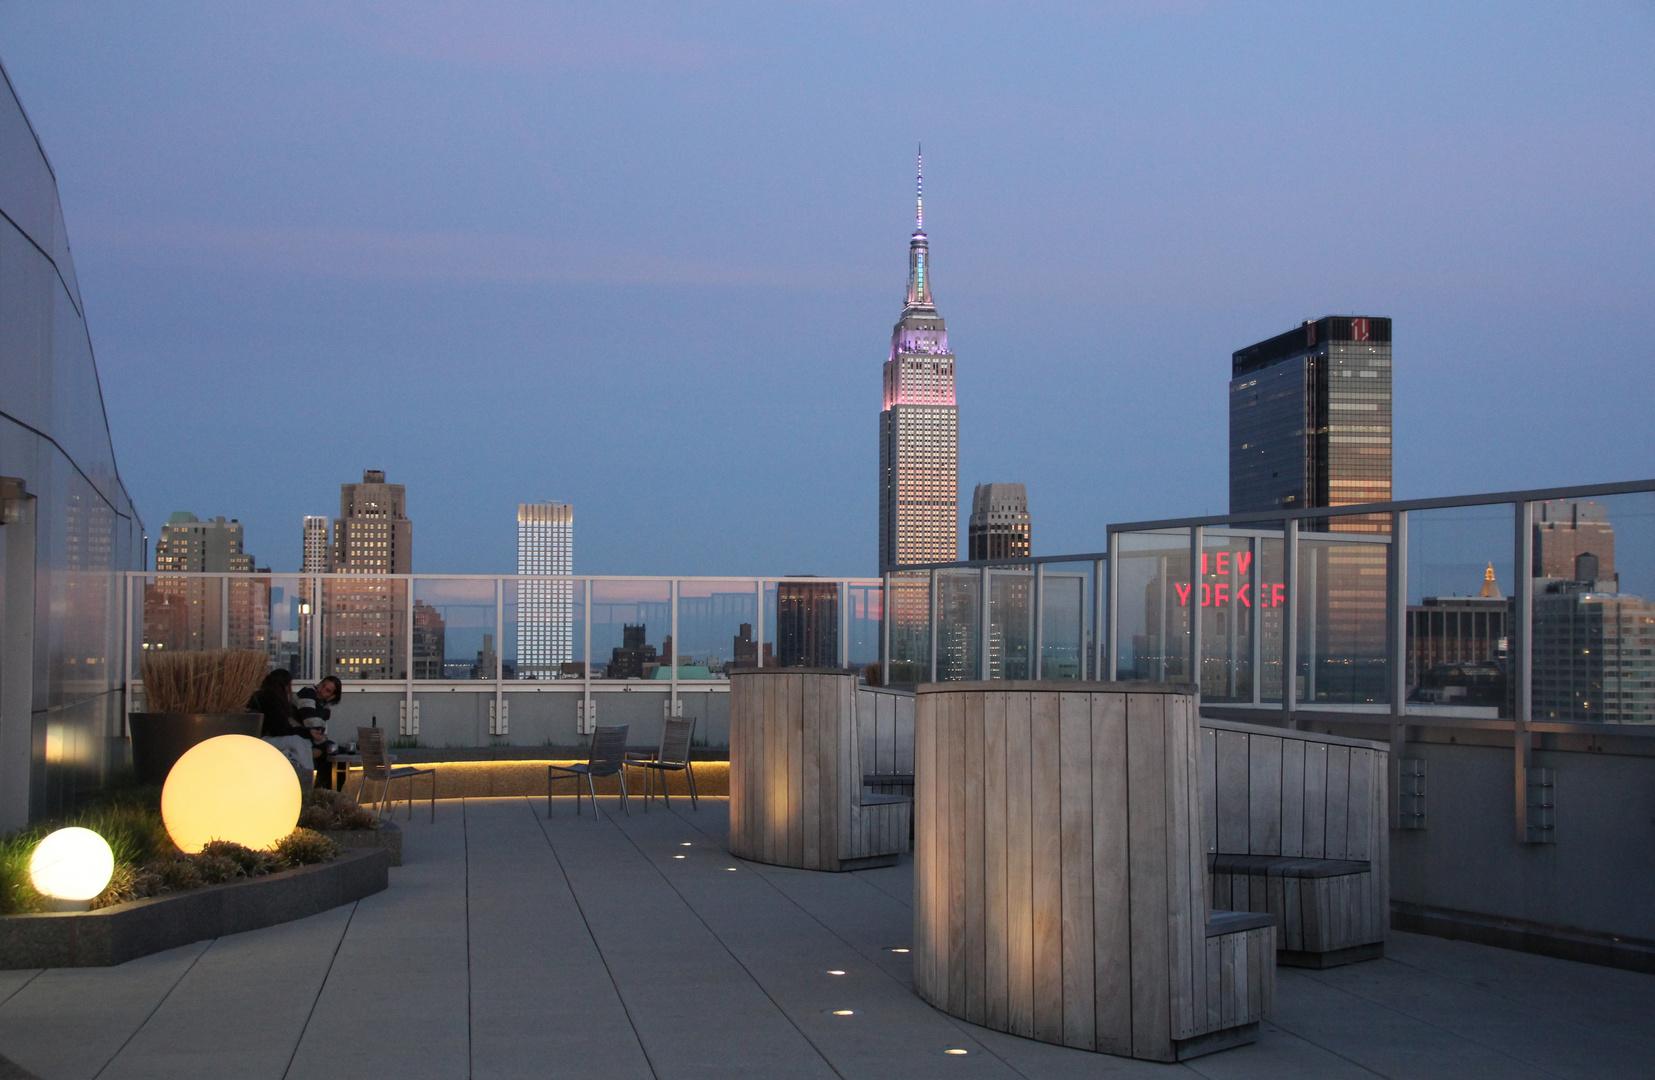 In der Abenddämmerung II mit Blick auf das Empire State Building